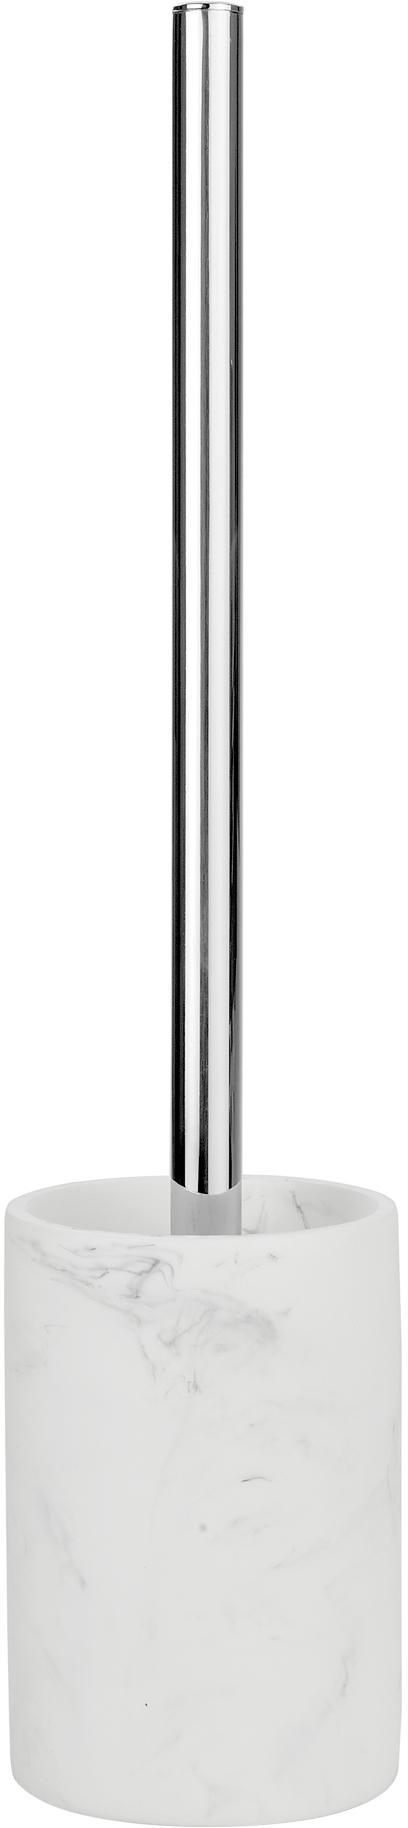 Escobilla de baño Swan, Recipiente: plástico (poliresina), Blanco, plateado, Ø 9 x Al 40 cm